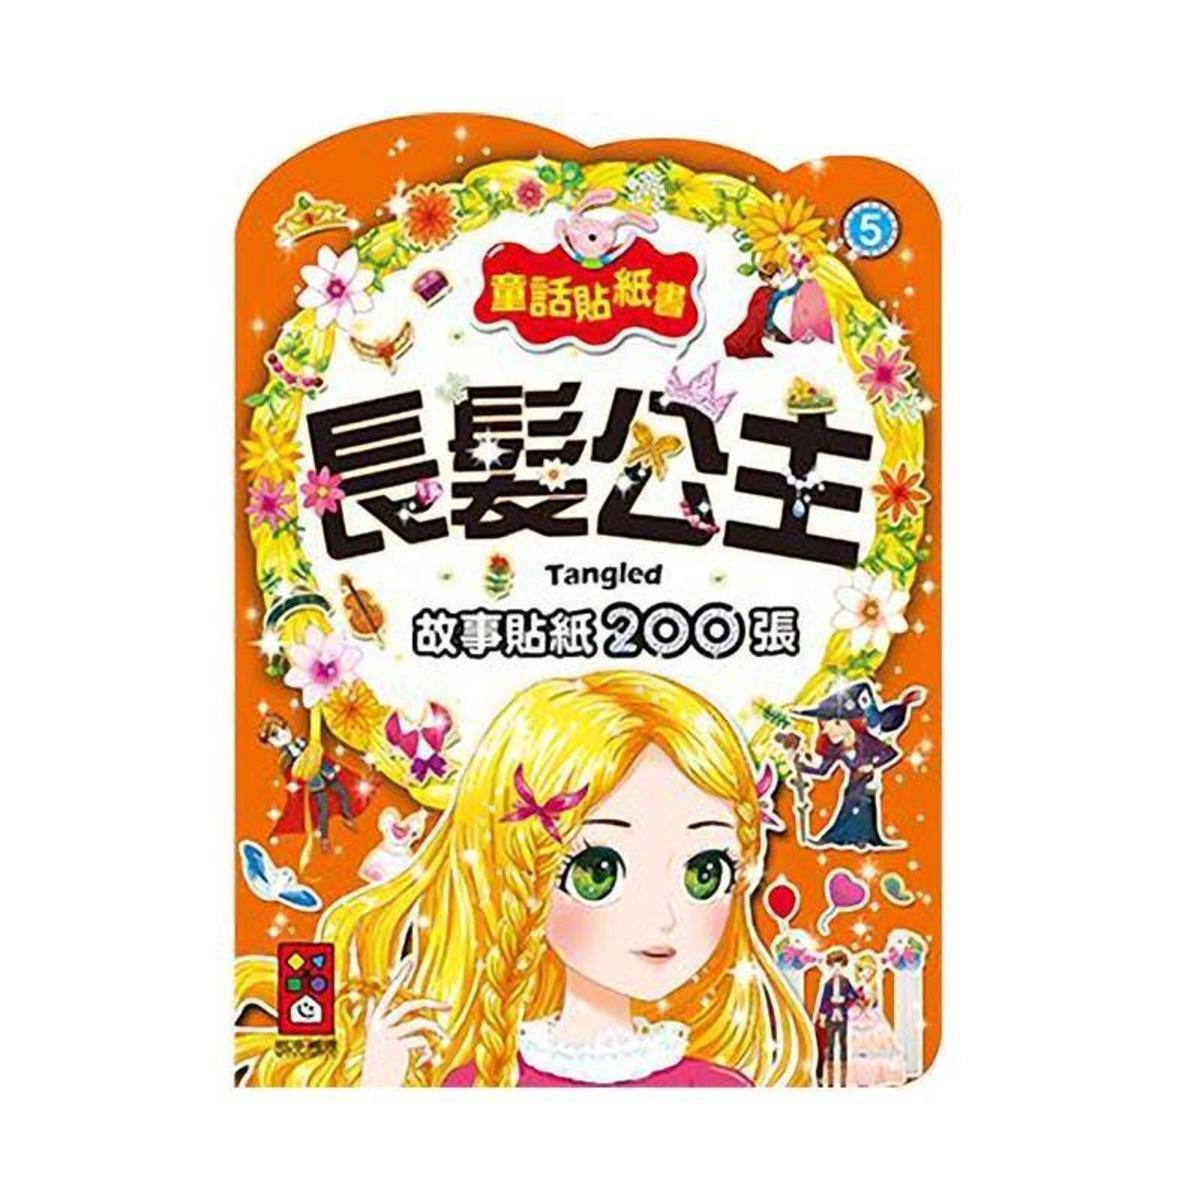 童話貼紙書 - 5- 長髮公主